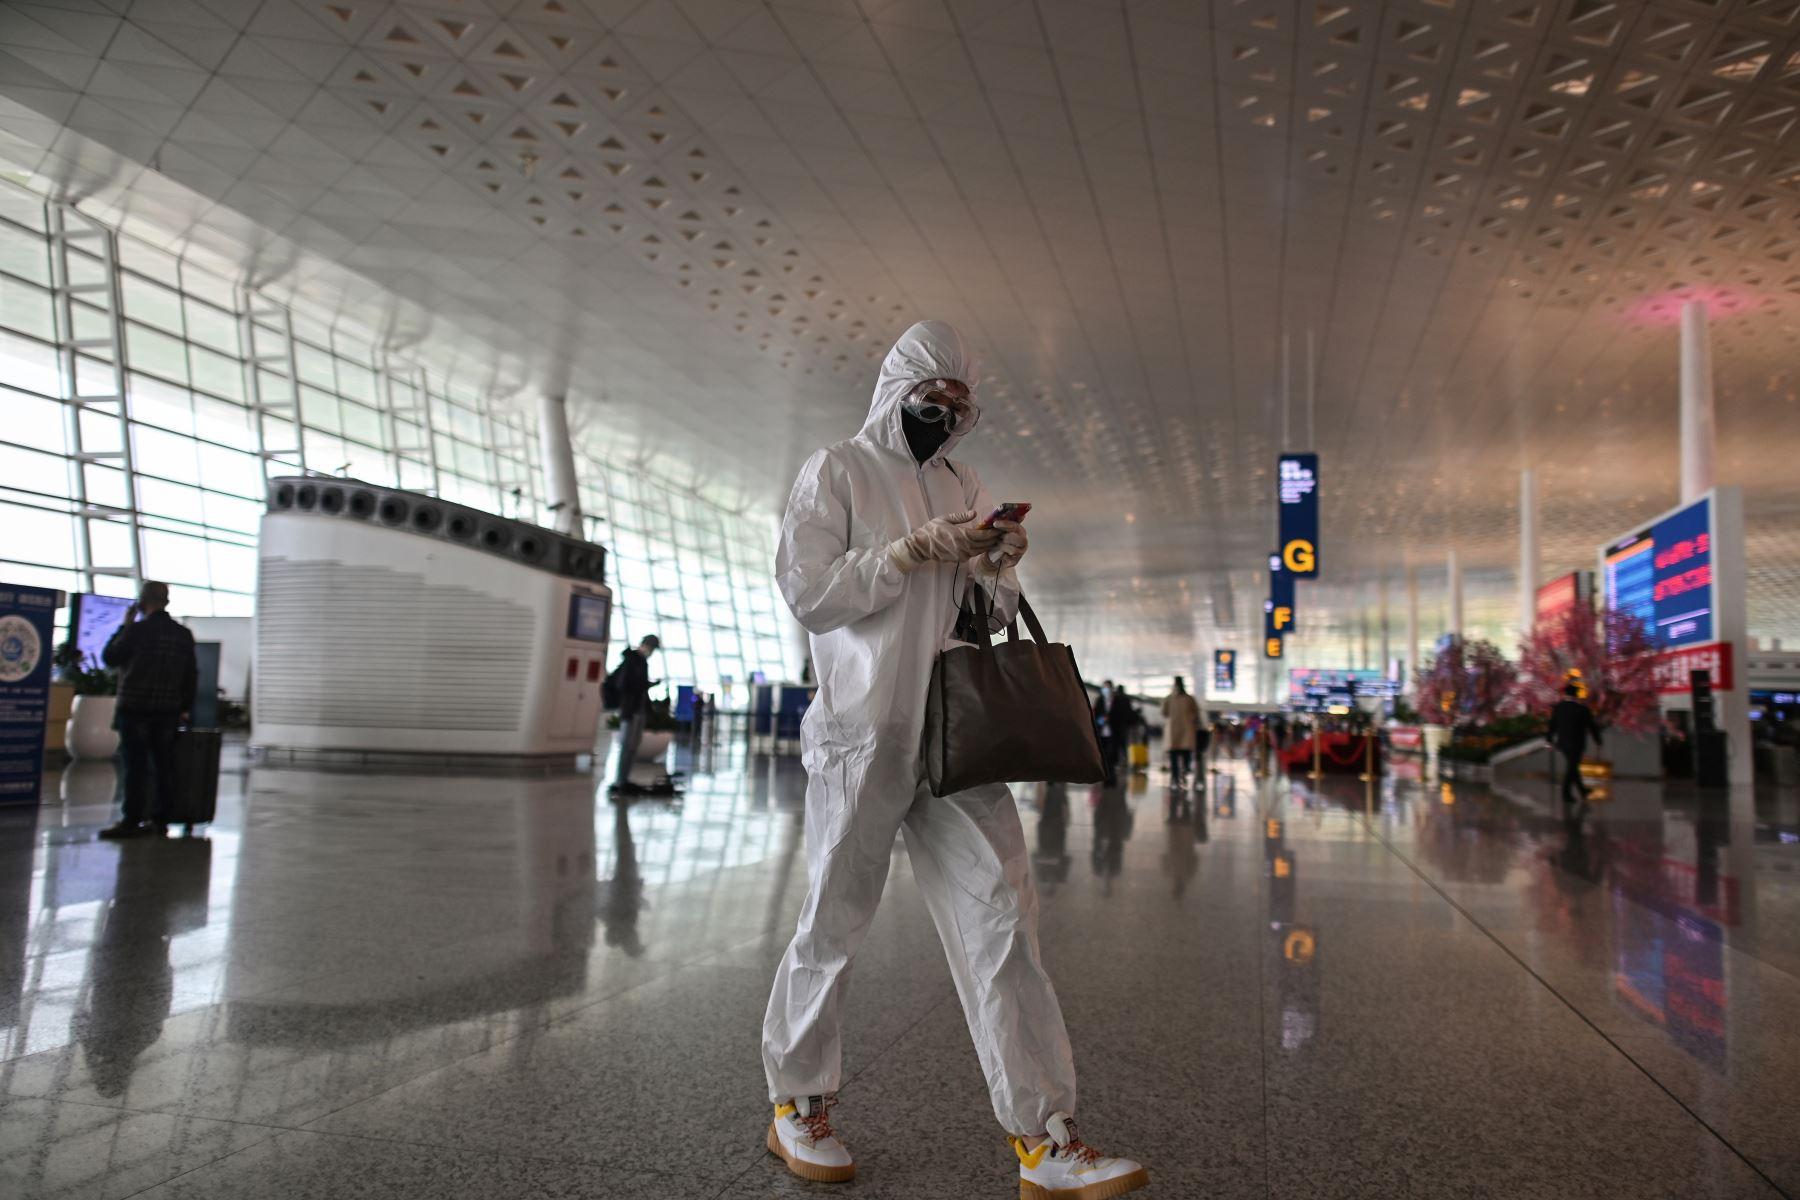 Un pasajero que usa equipo de protección camina en el aeropuerto de Tianhe después de que fue reabierto hoy, en Wuhan, en la provincia central de Hubei, China. Foto: AFP